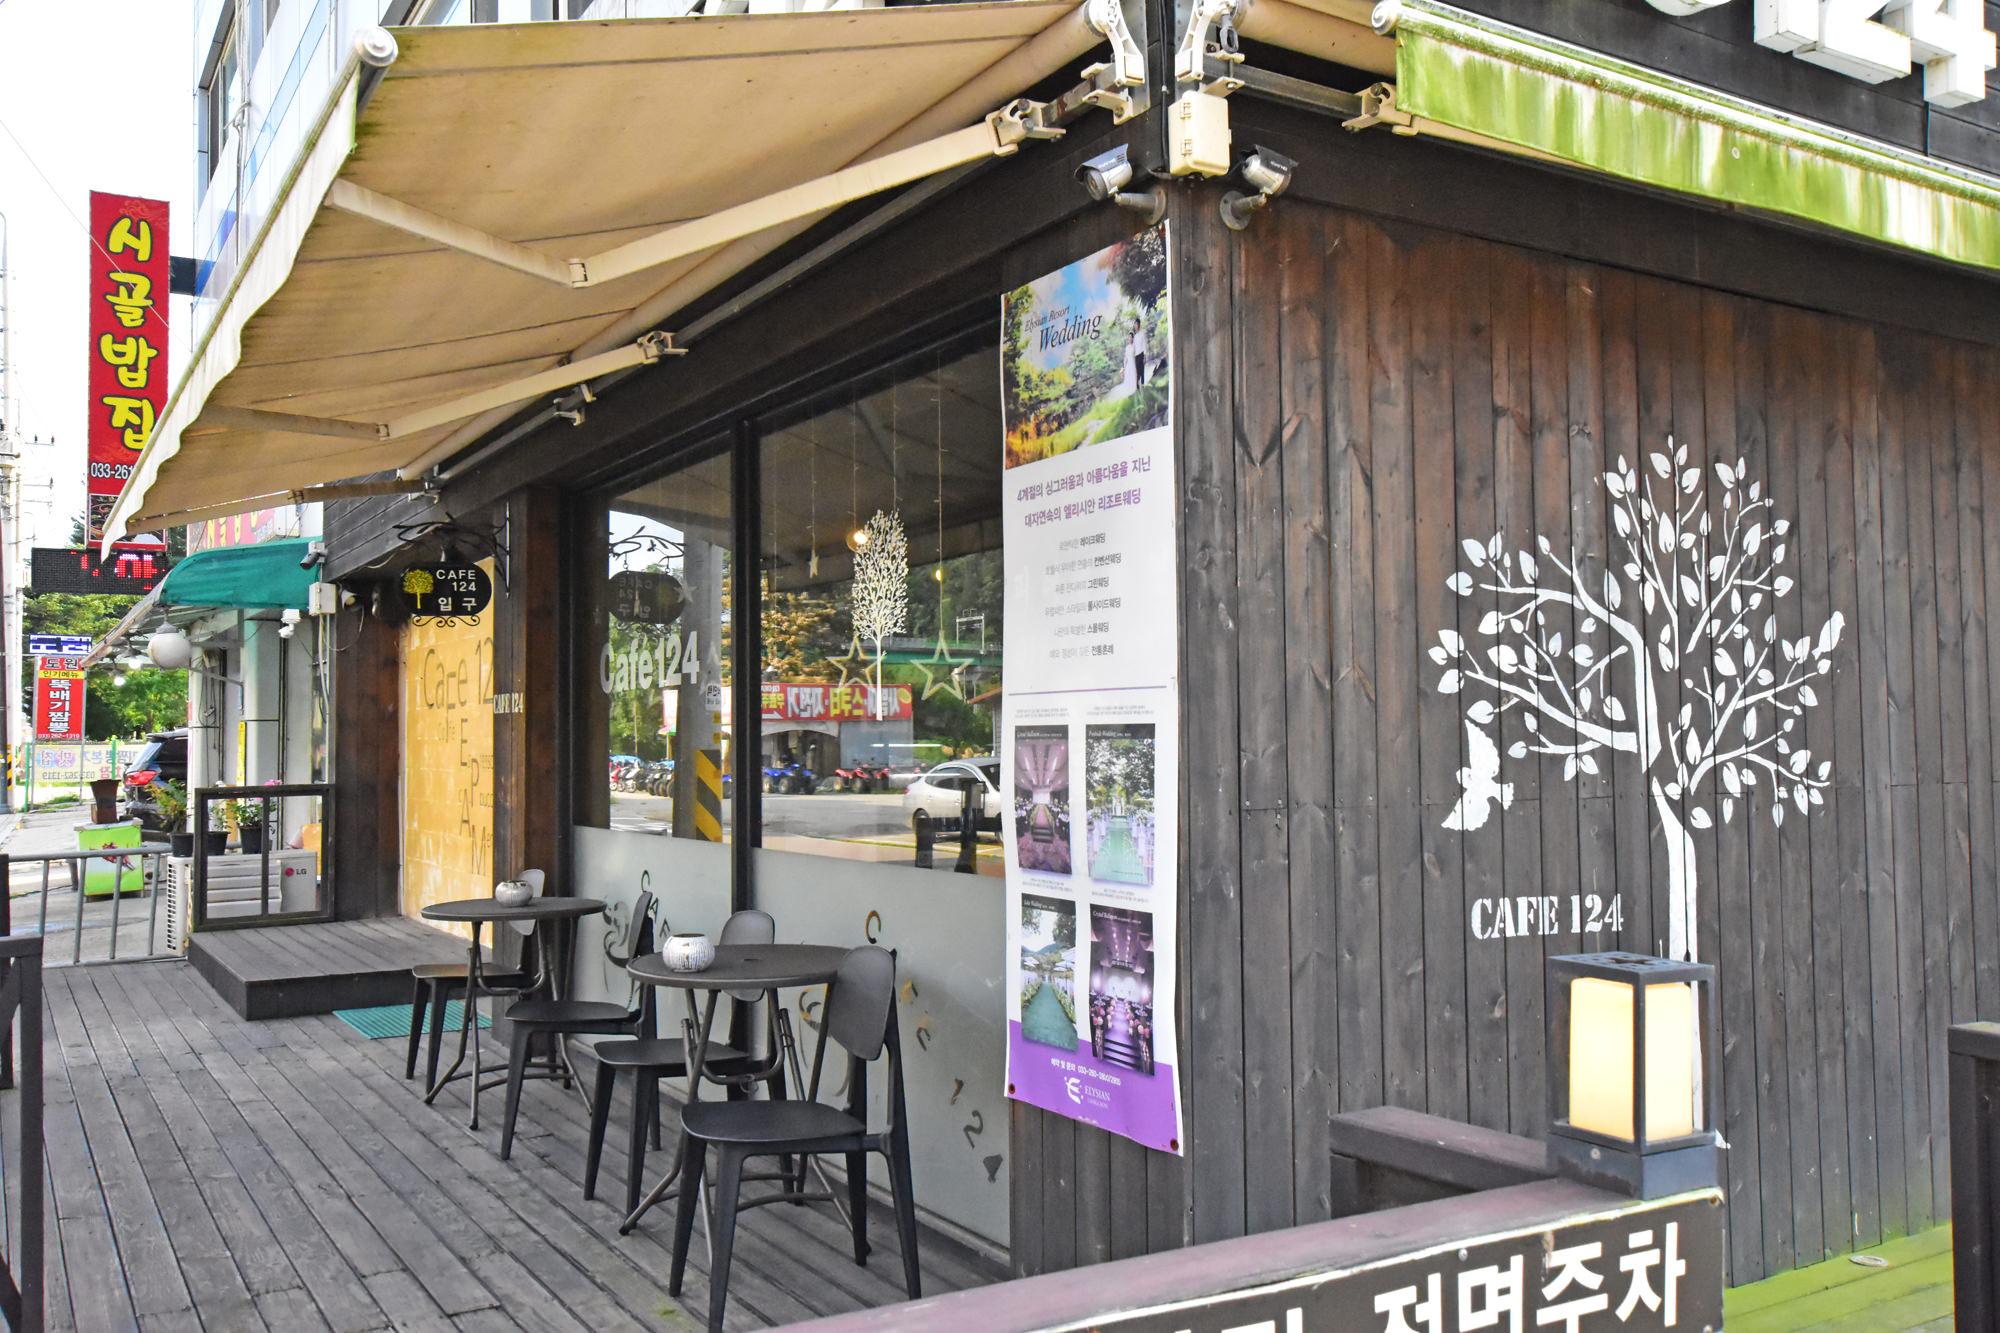 CAFE124 이미지 2